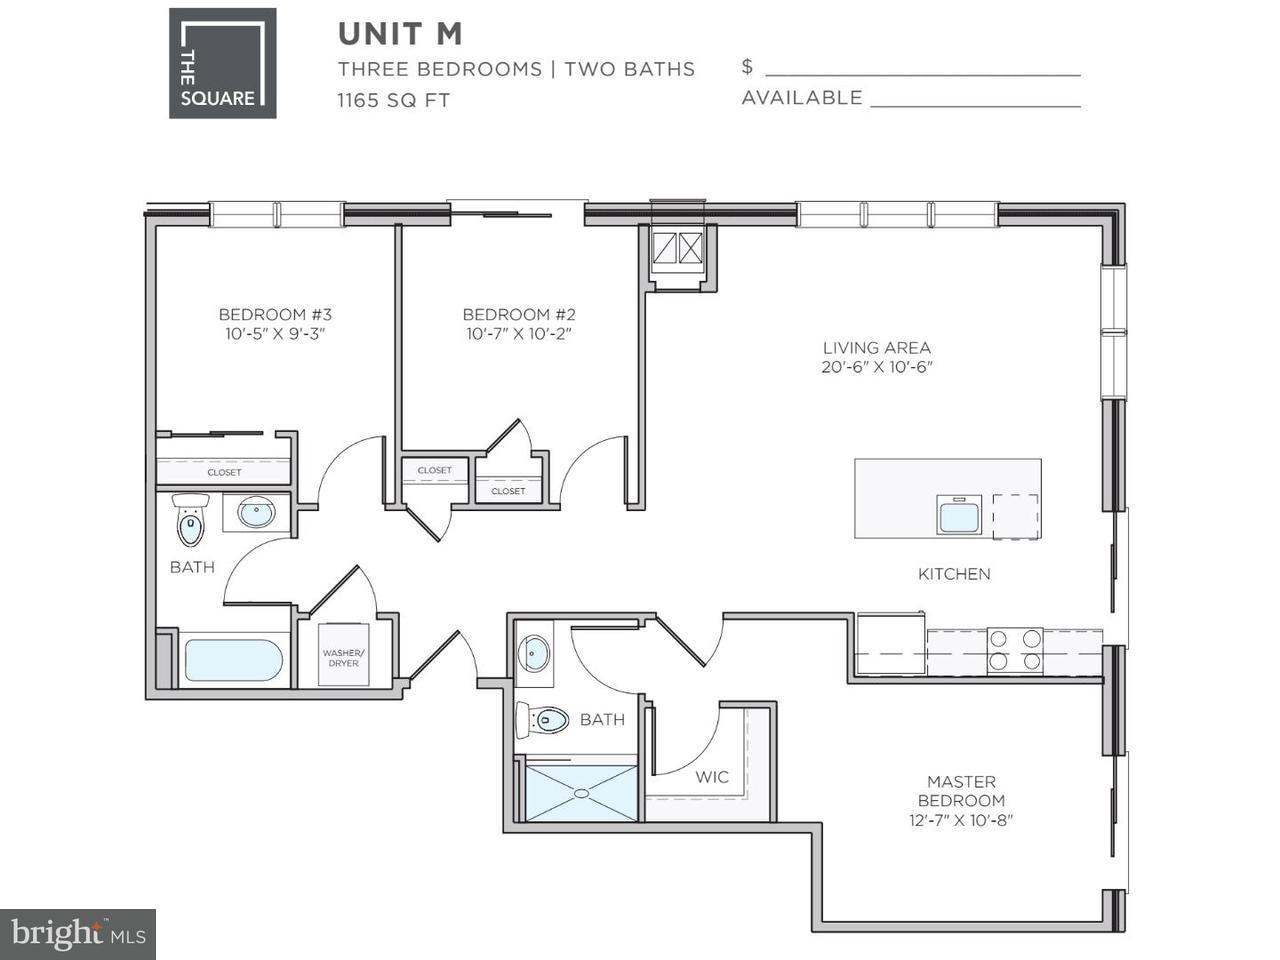 Casa Unifamiliar por un Alquiler en 110 SIBLEY AVE #401 Ardmore, Pennsylvania 19003 Estados Unidos